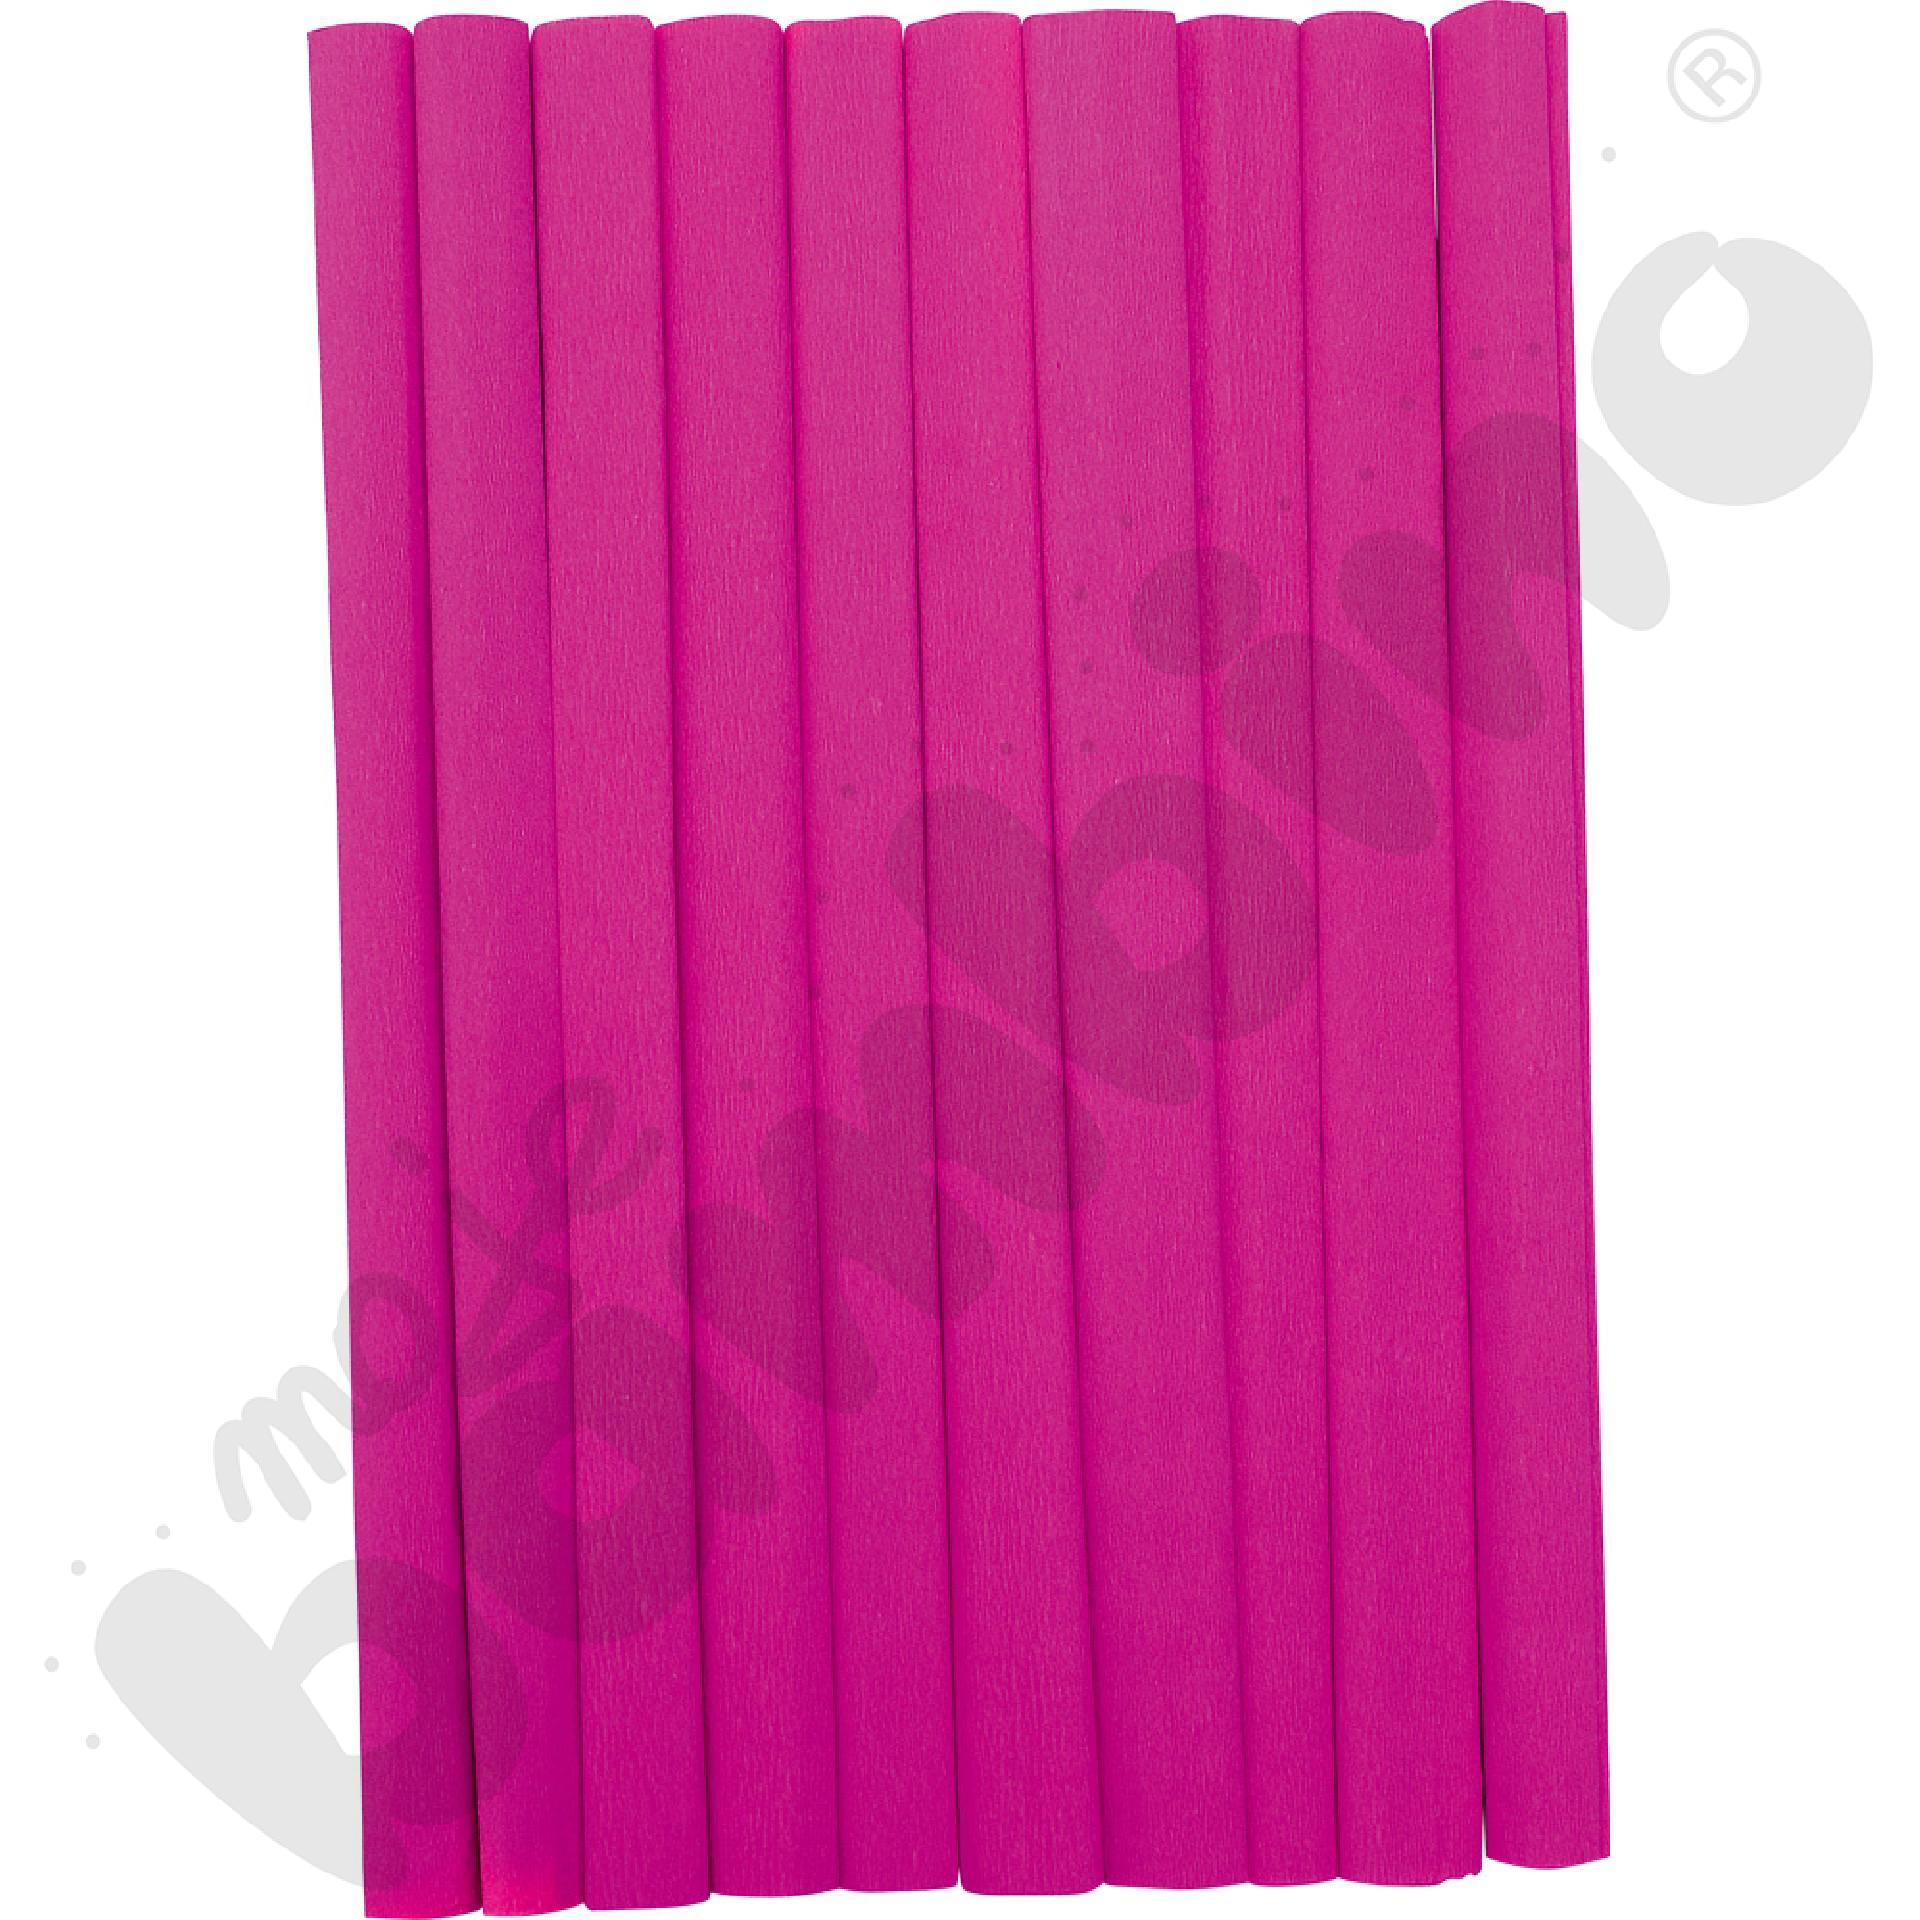 Bibuły purpurowe 10 szt.